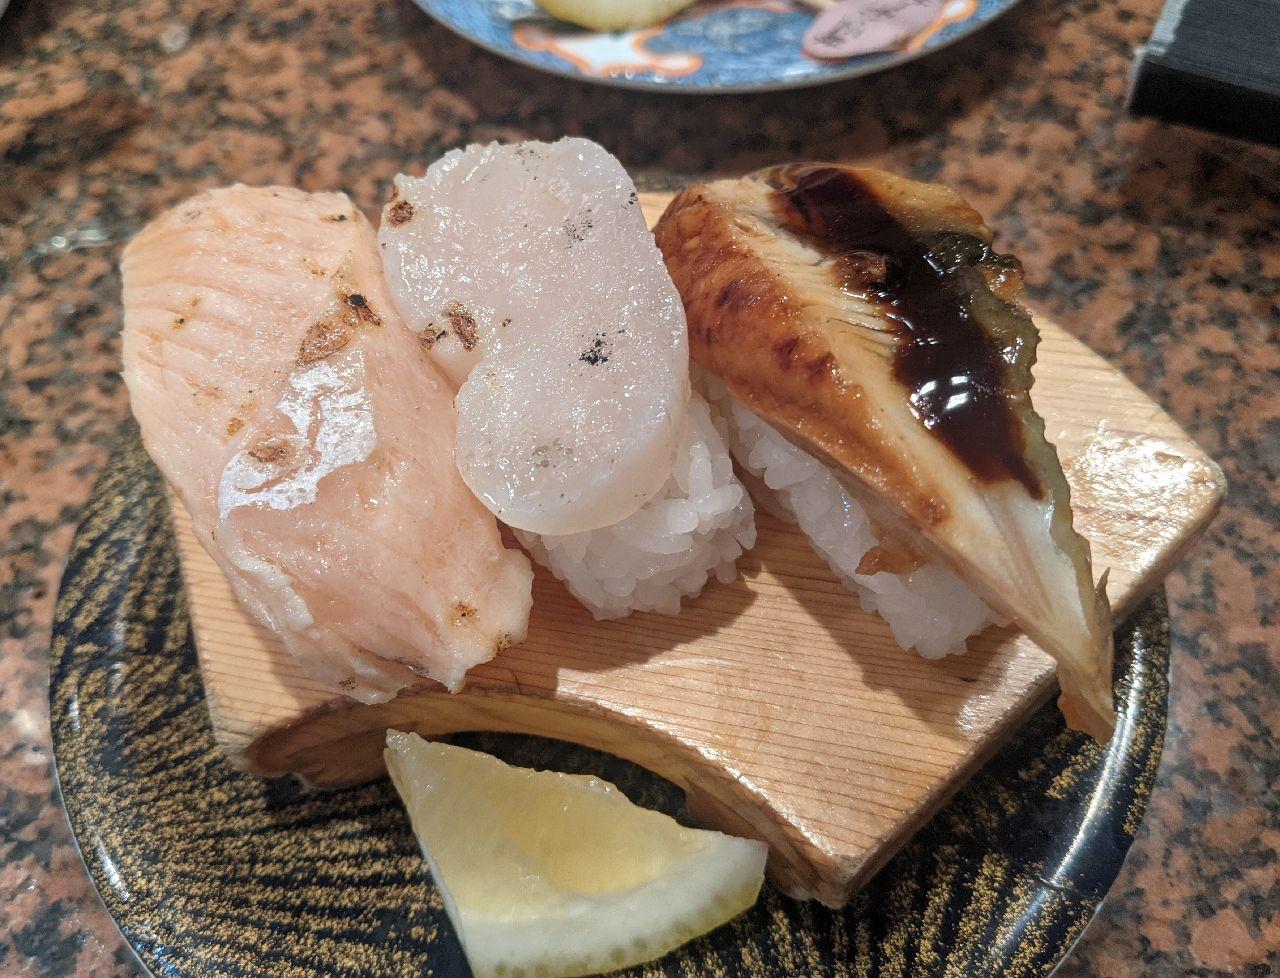 PXL_20210708_105106000炙り三昧(炙りトロサーモン、炙り平貝、炭火焼ウナギ)